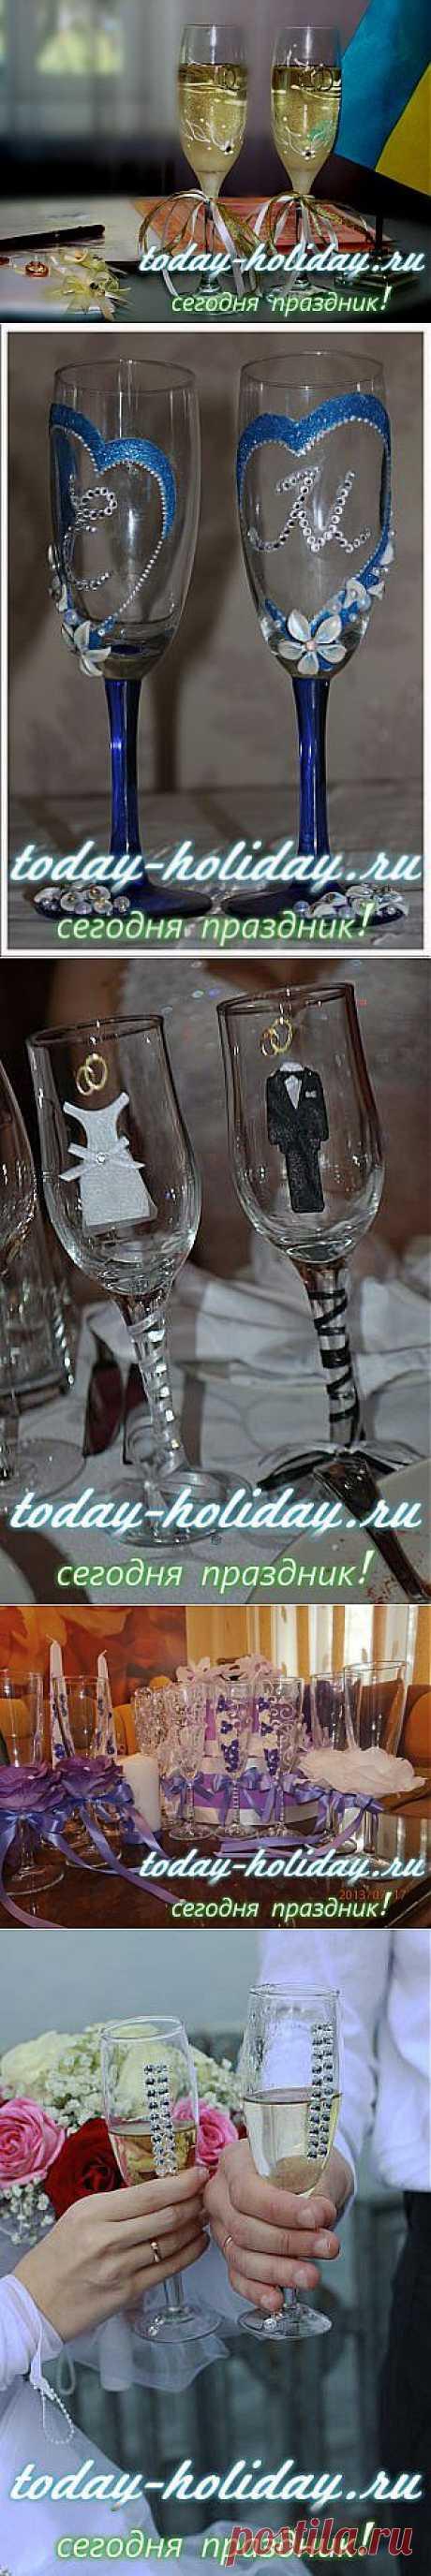 Оформление свадебных бокалов | Сегодня праздник!